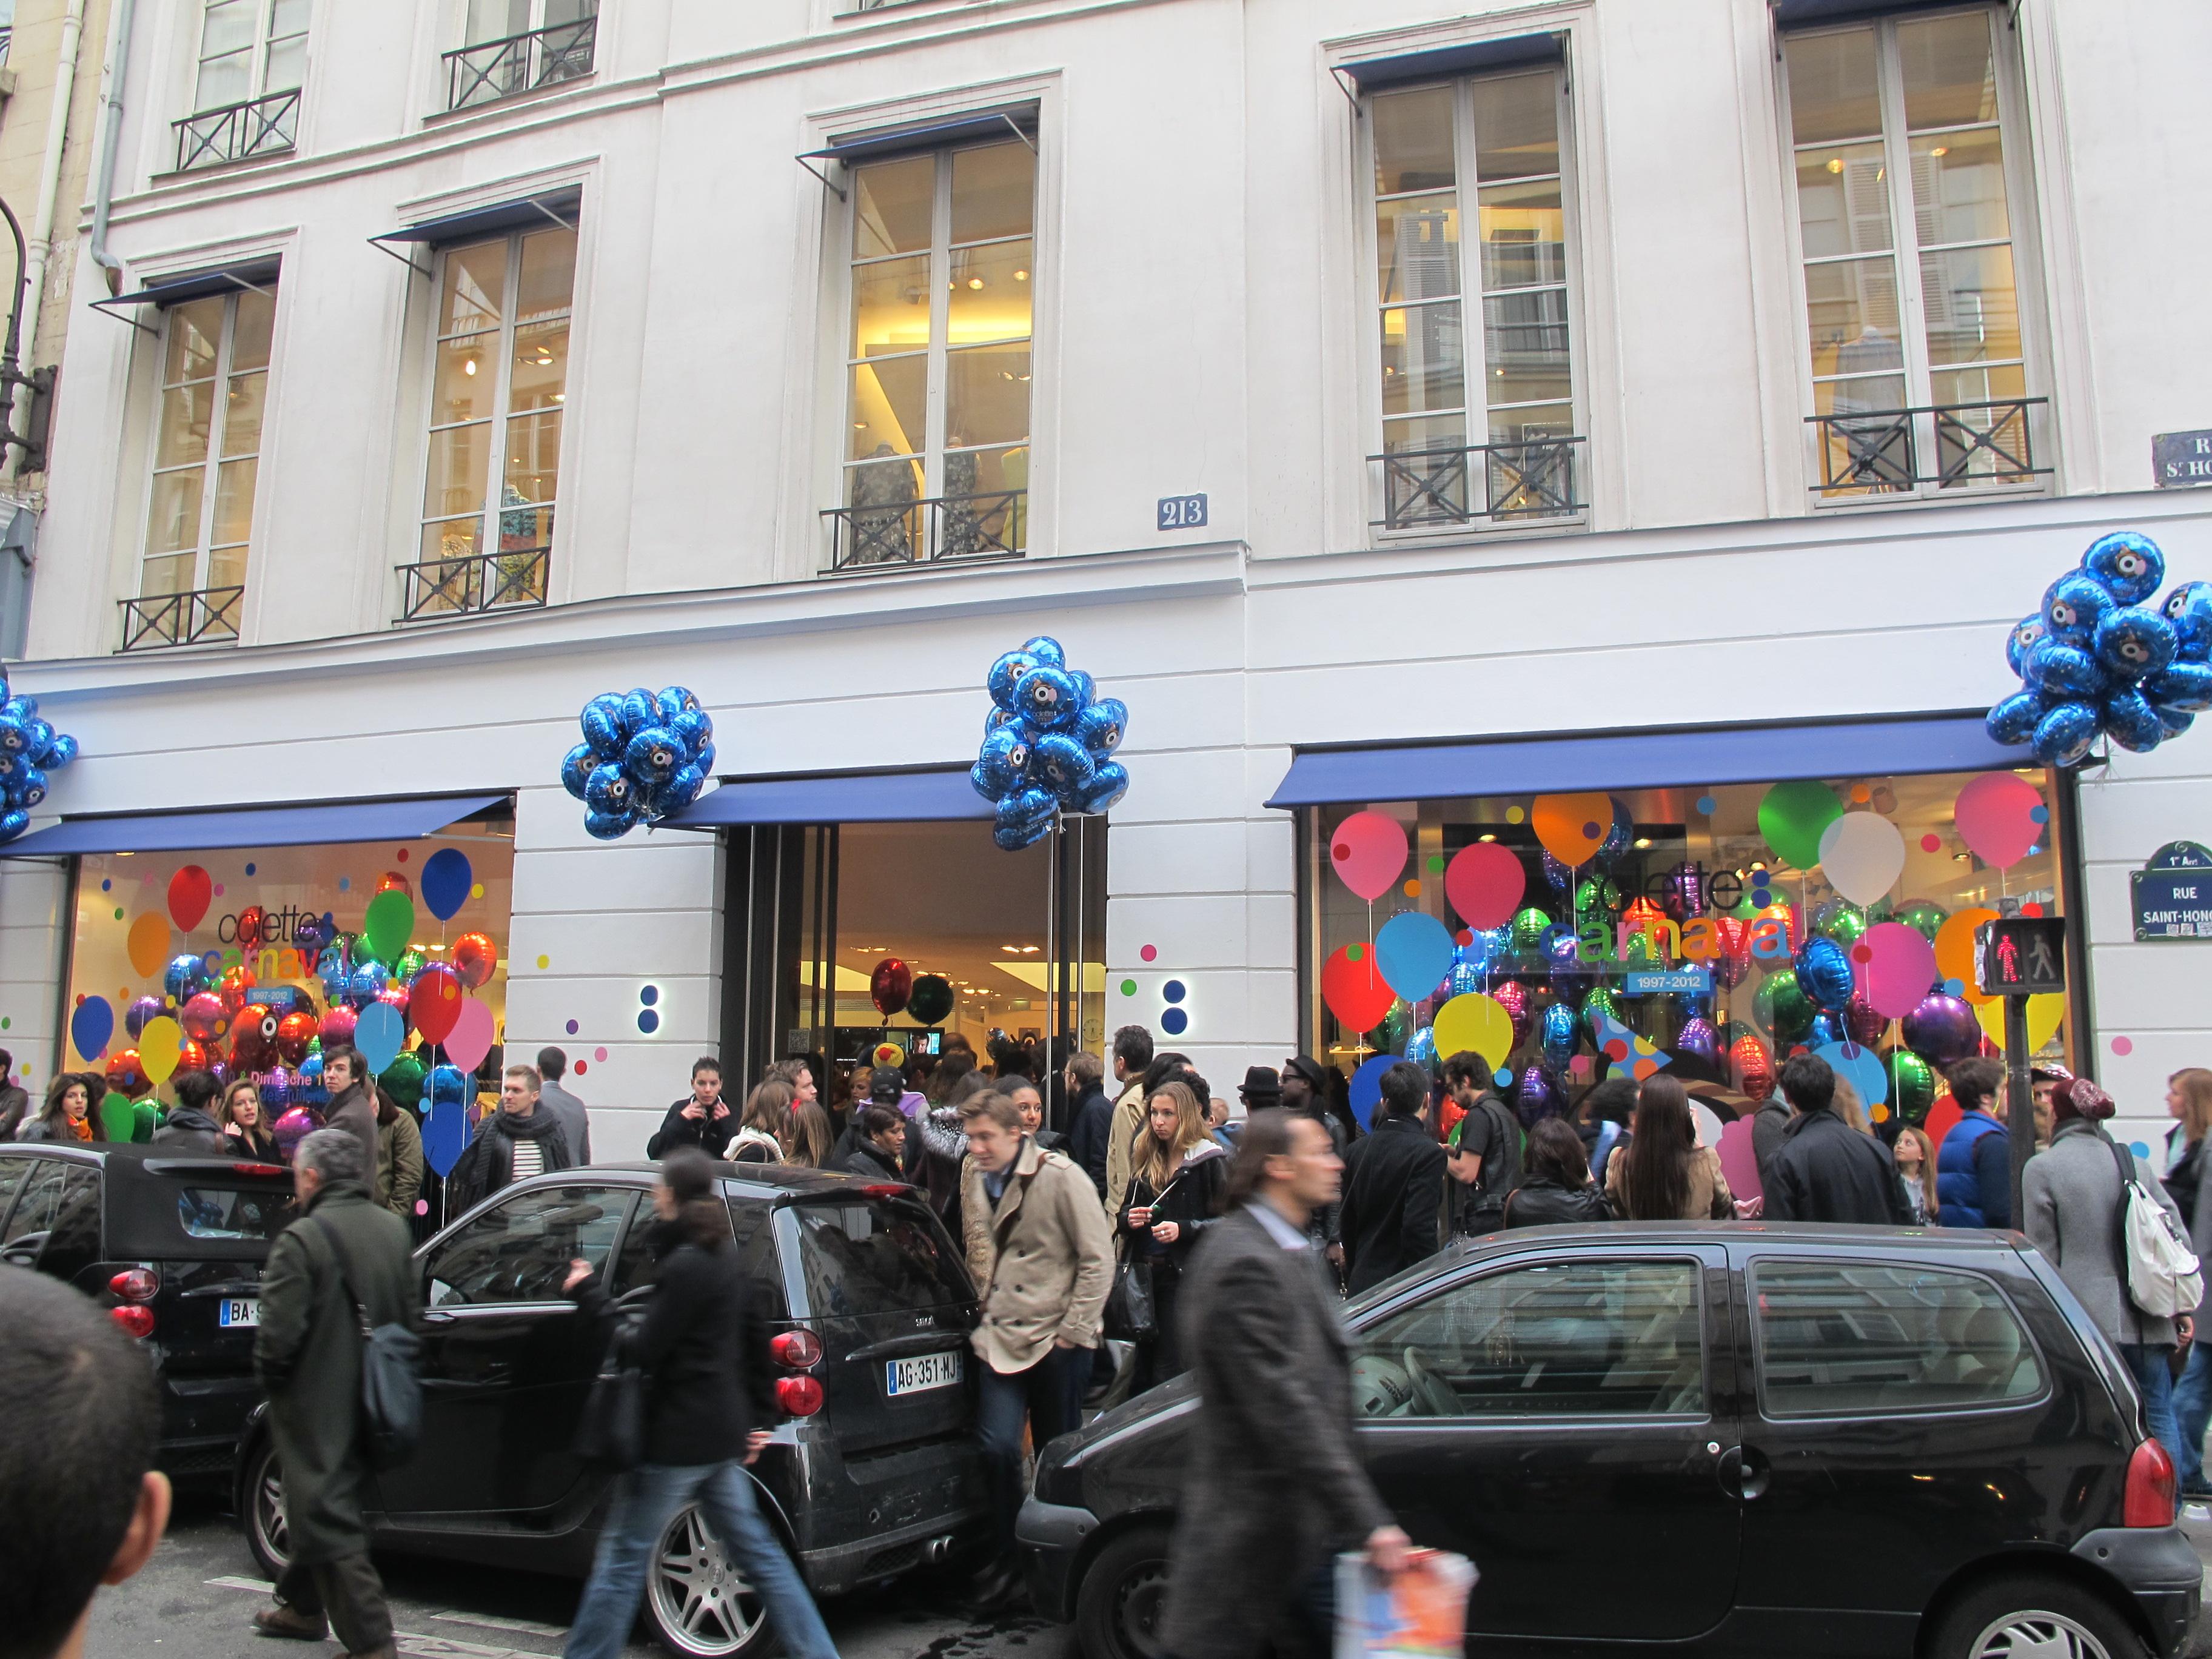 Colette boutique wikiwand - Magasin colette paris ...